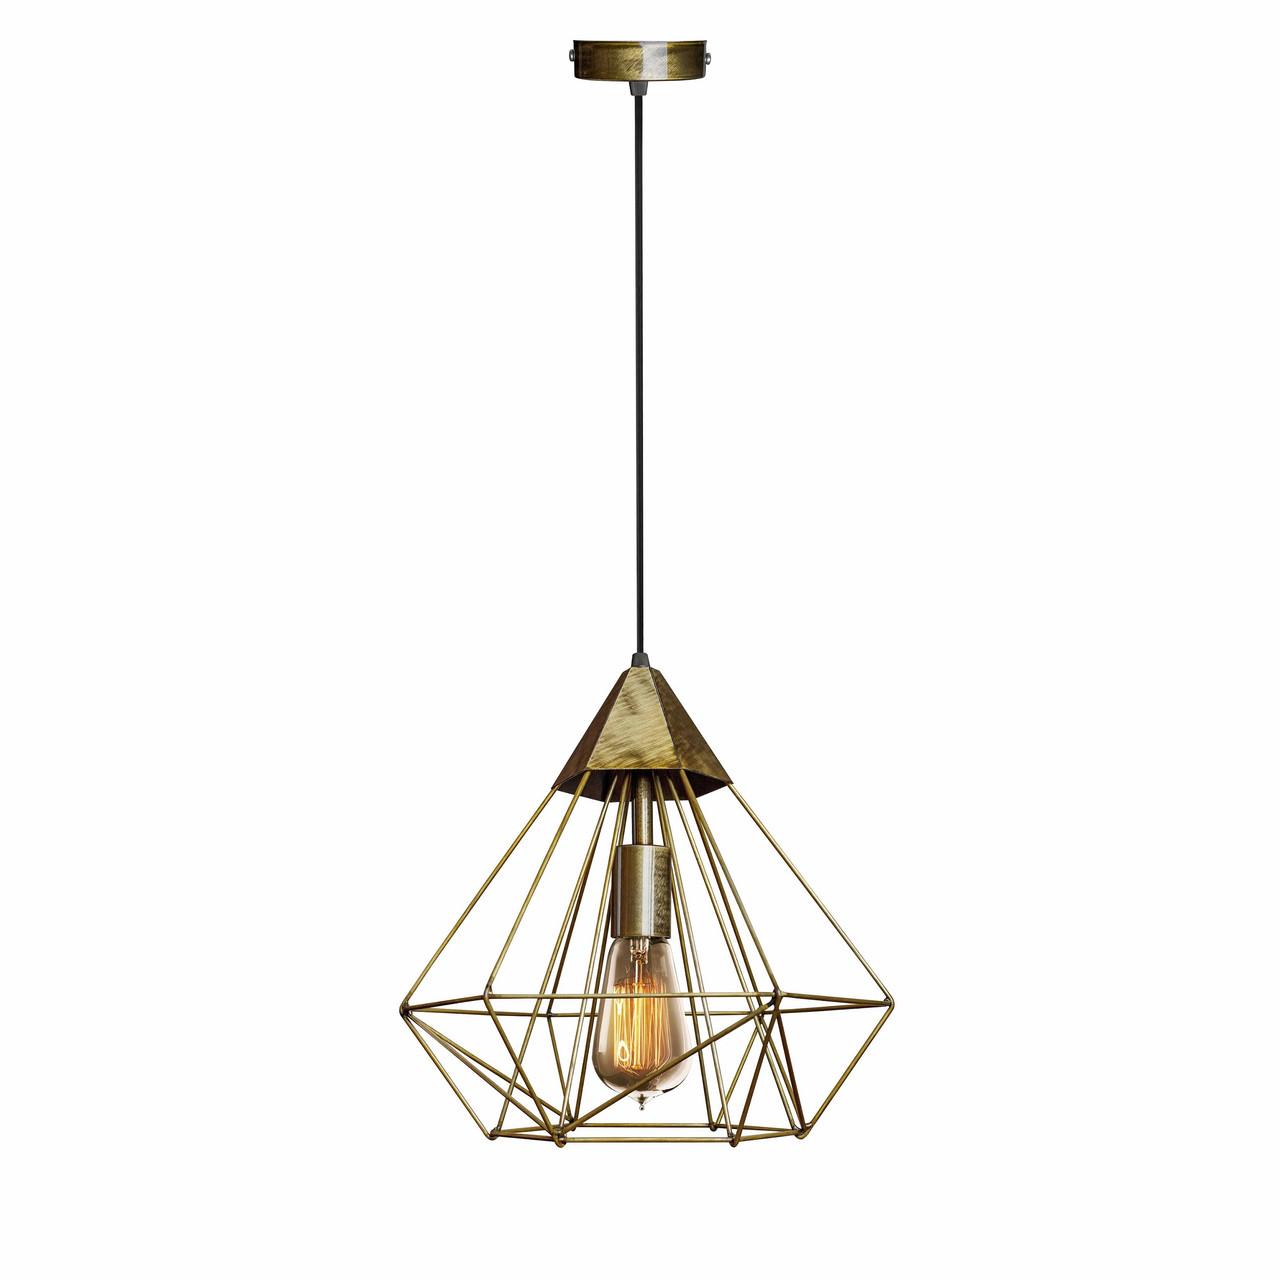 Светильник подвесной в стиле лофт MSK Electric NL 0538 BN  бронза